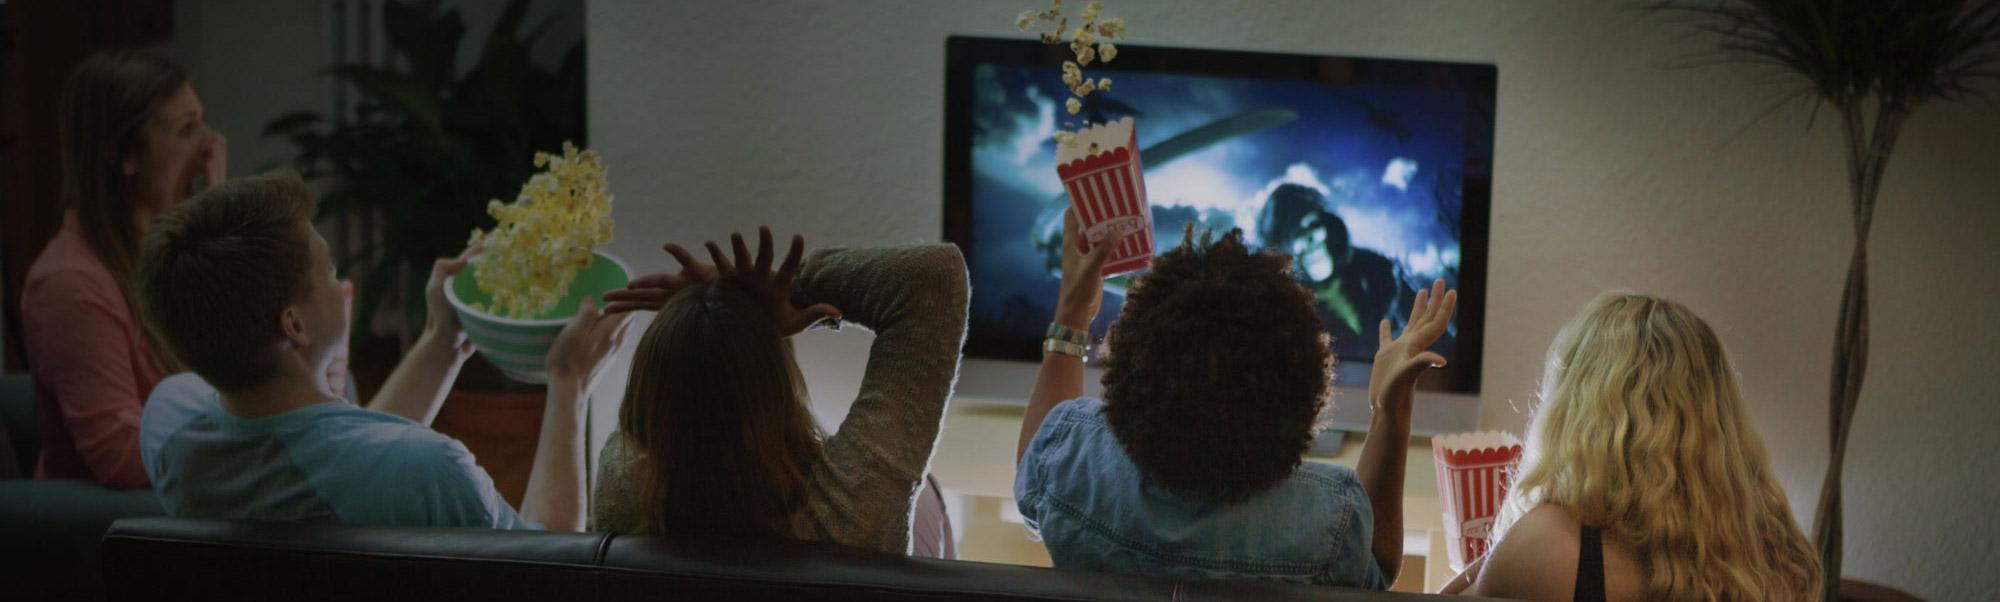 Assista aos últimos filmes e programas de TV aonde quer que você vá